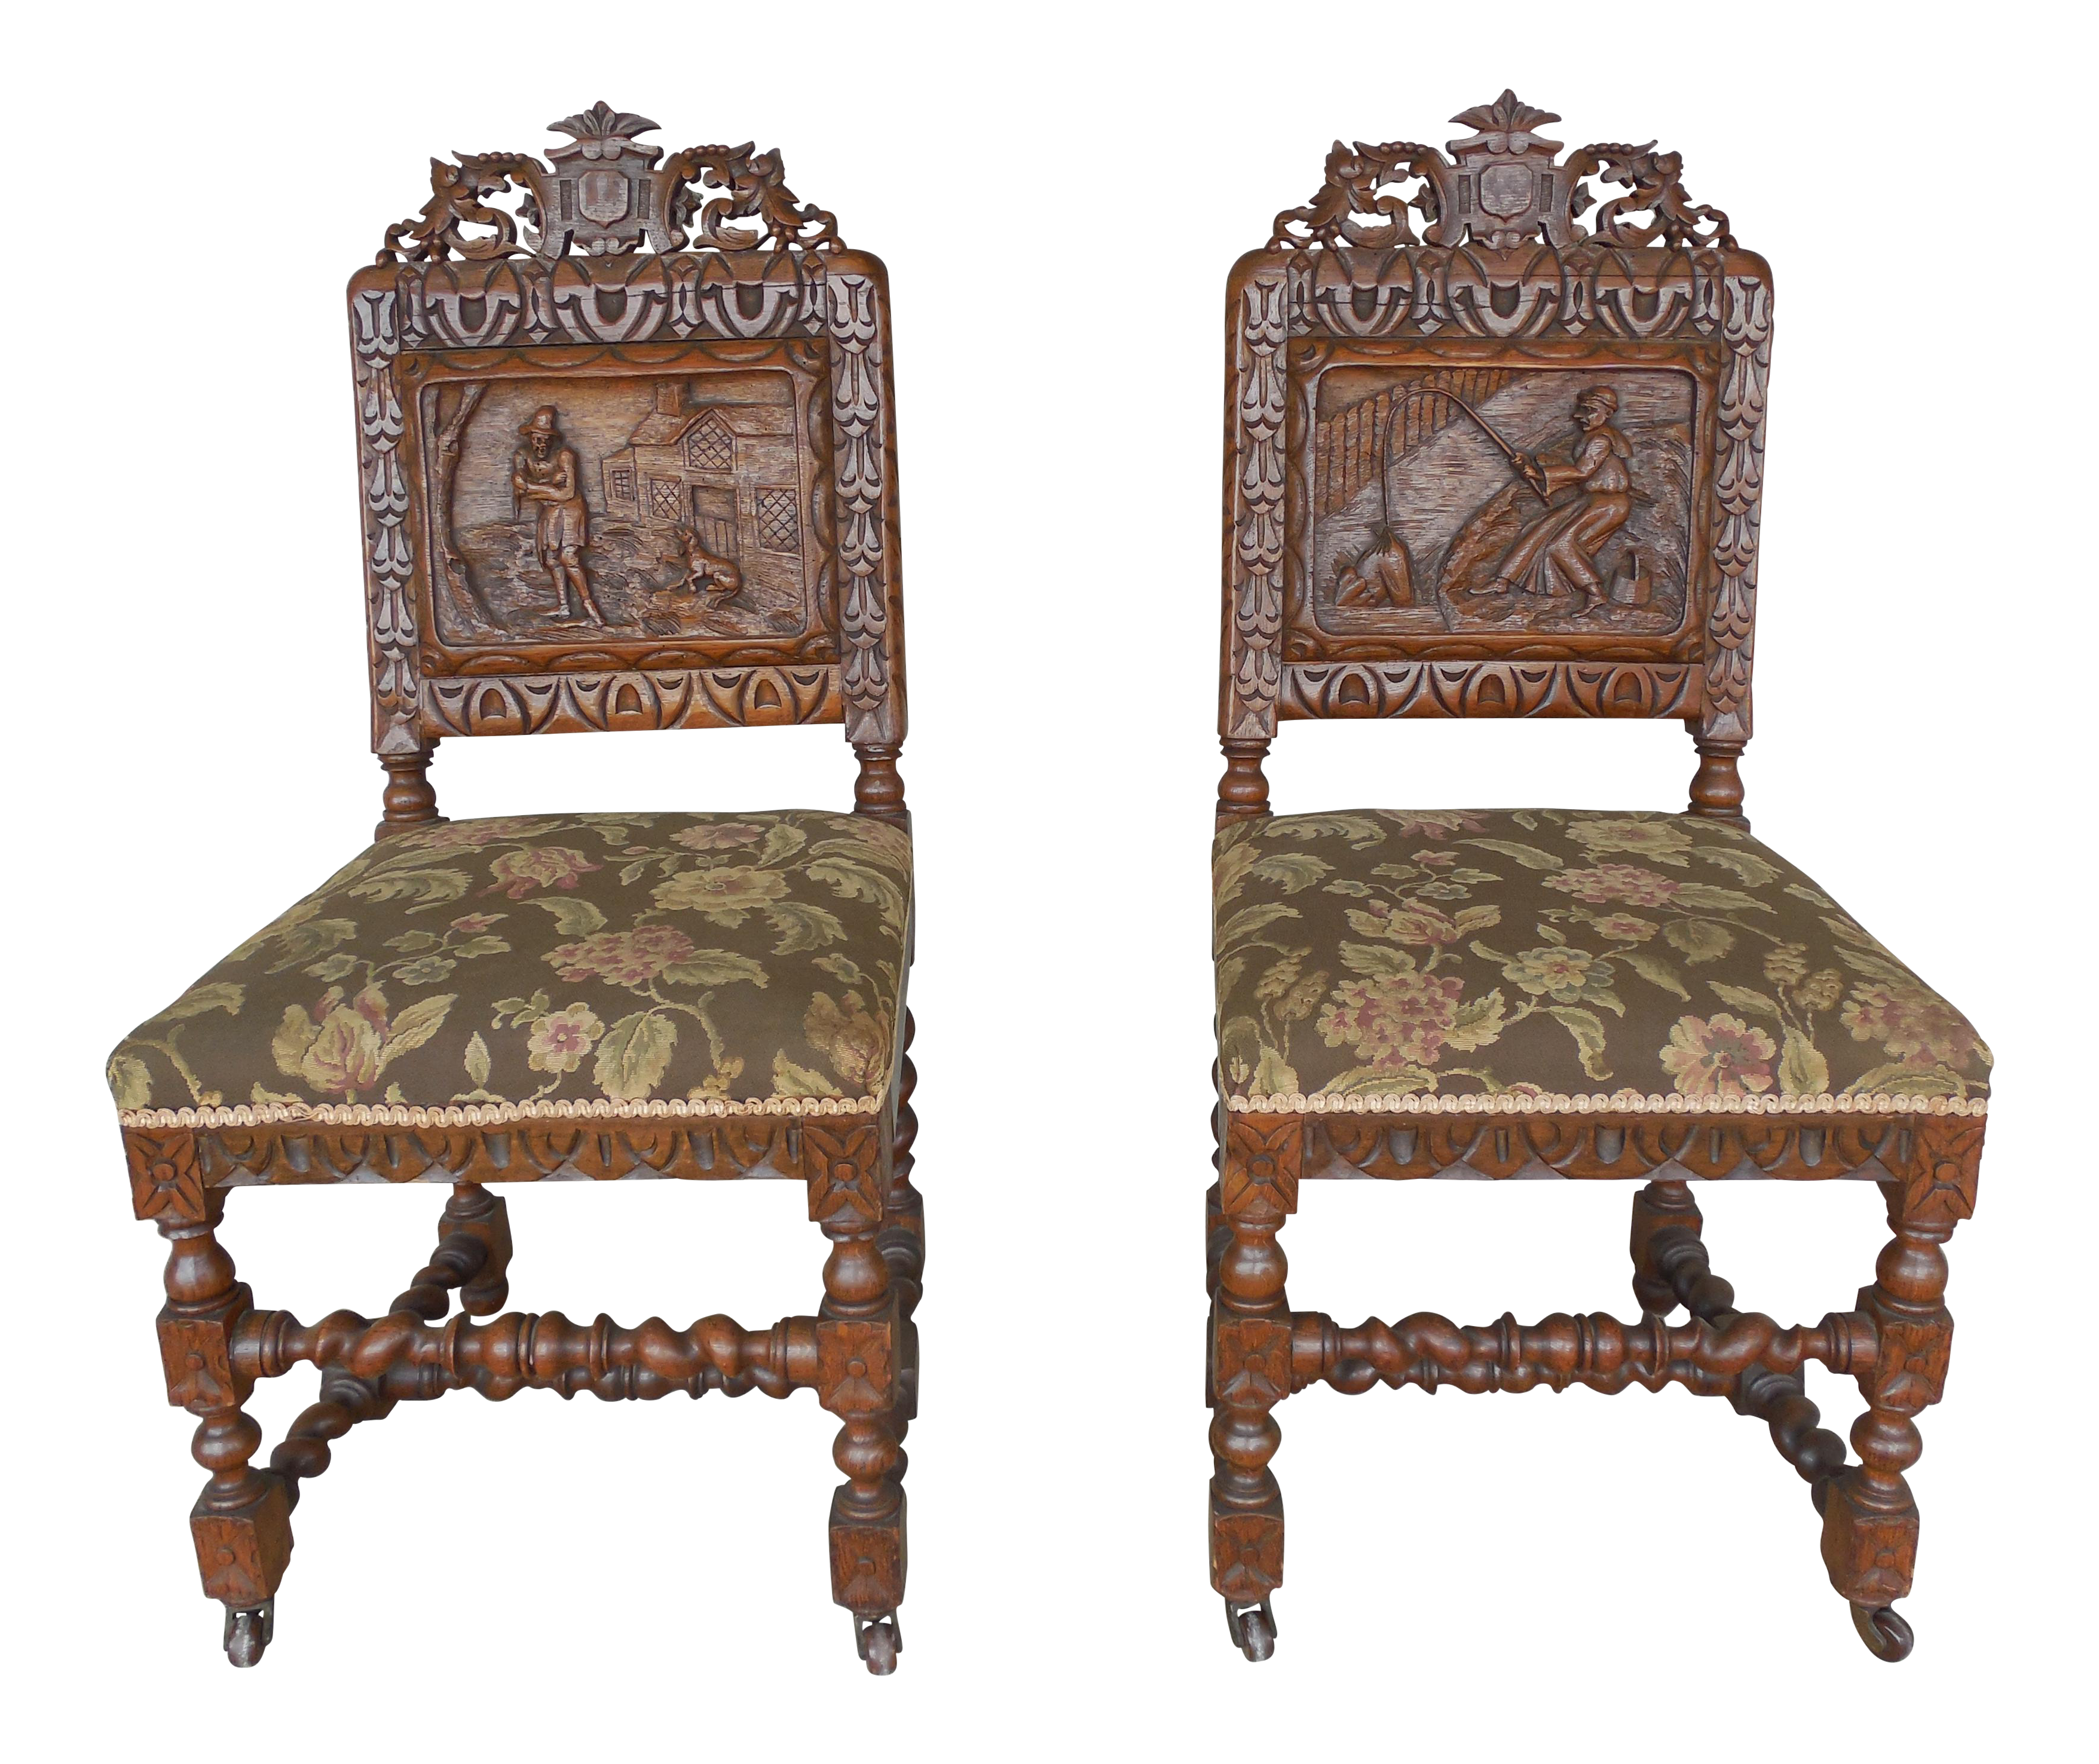 James Shoolbred Tottenham House London Barley Twist Chairs - A Pair | Chairish  sc 1 st  Chairish & James Shoolbred Tottenham House London Barley Twist Chairs - A Pair ...